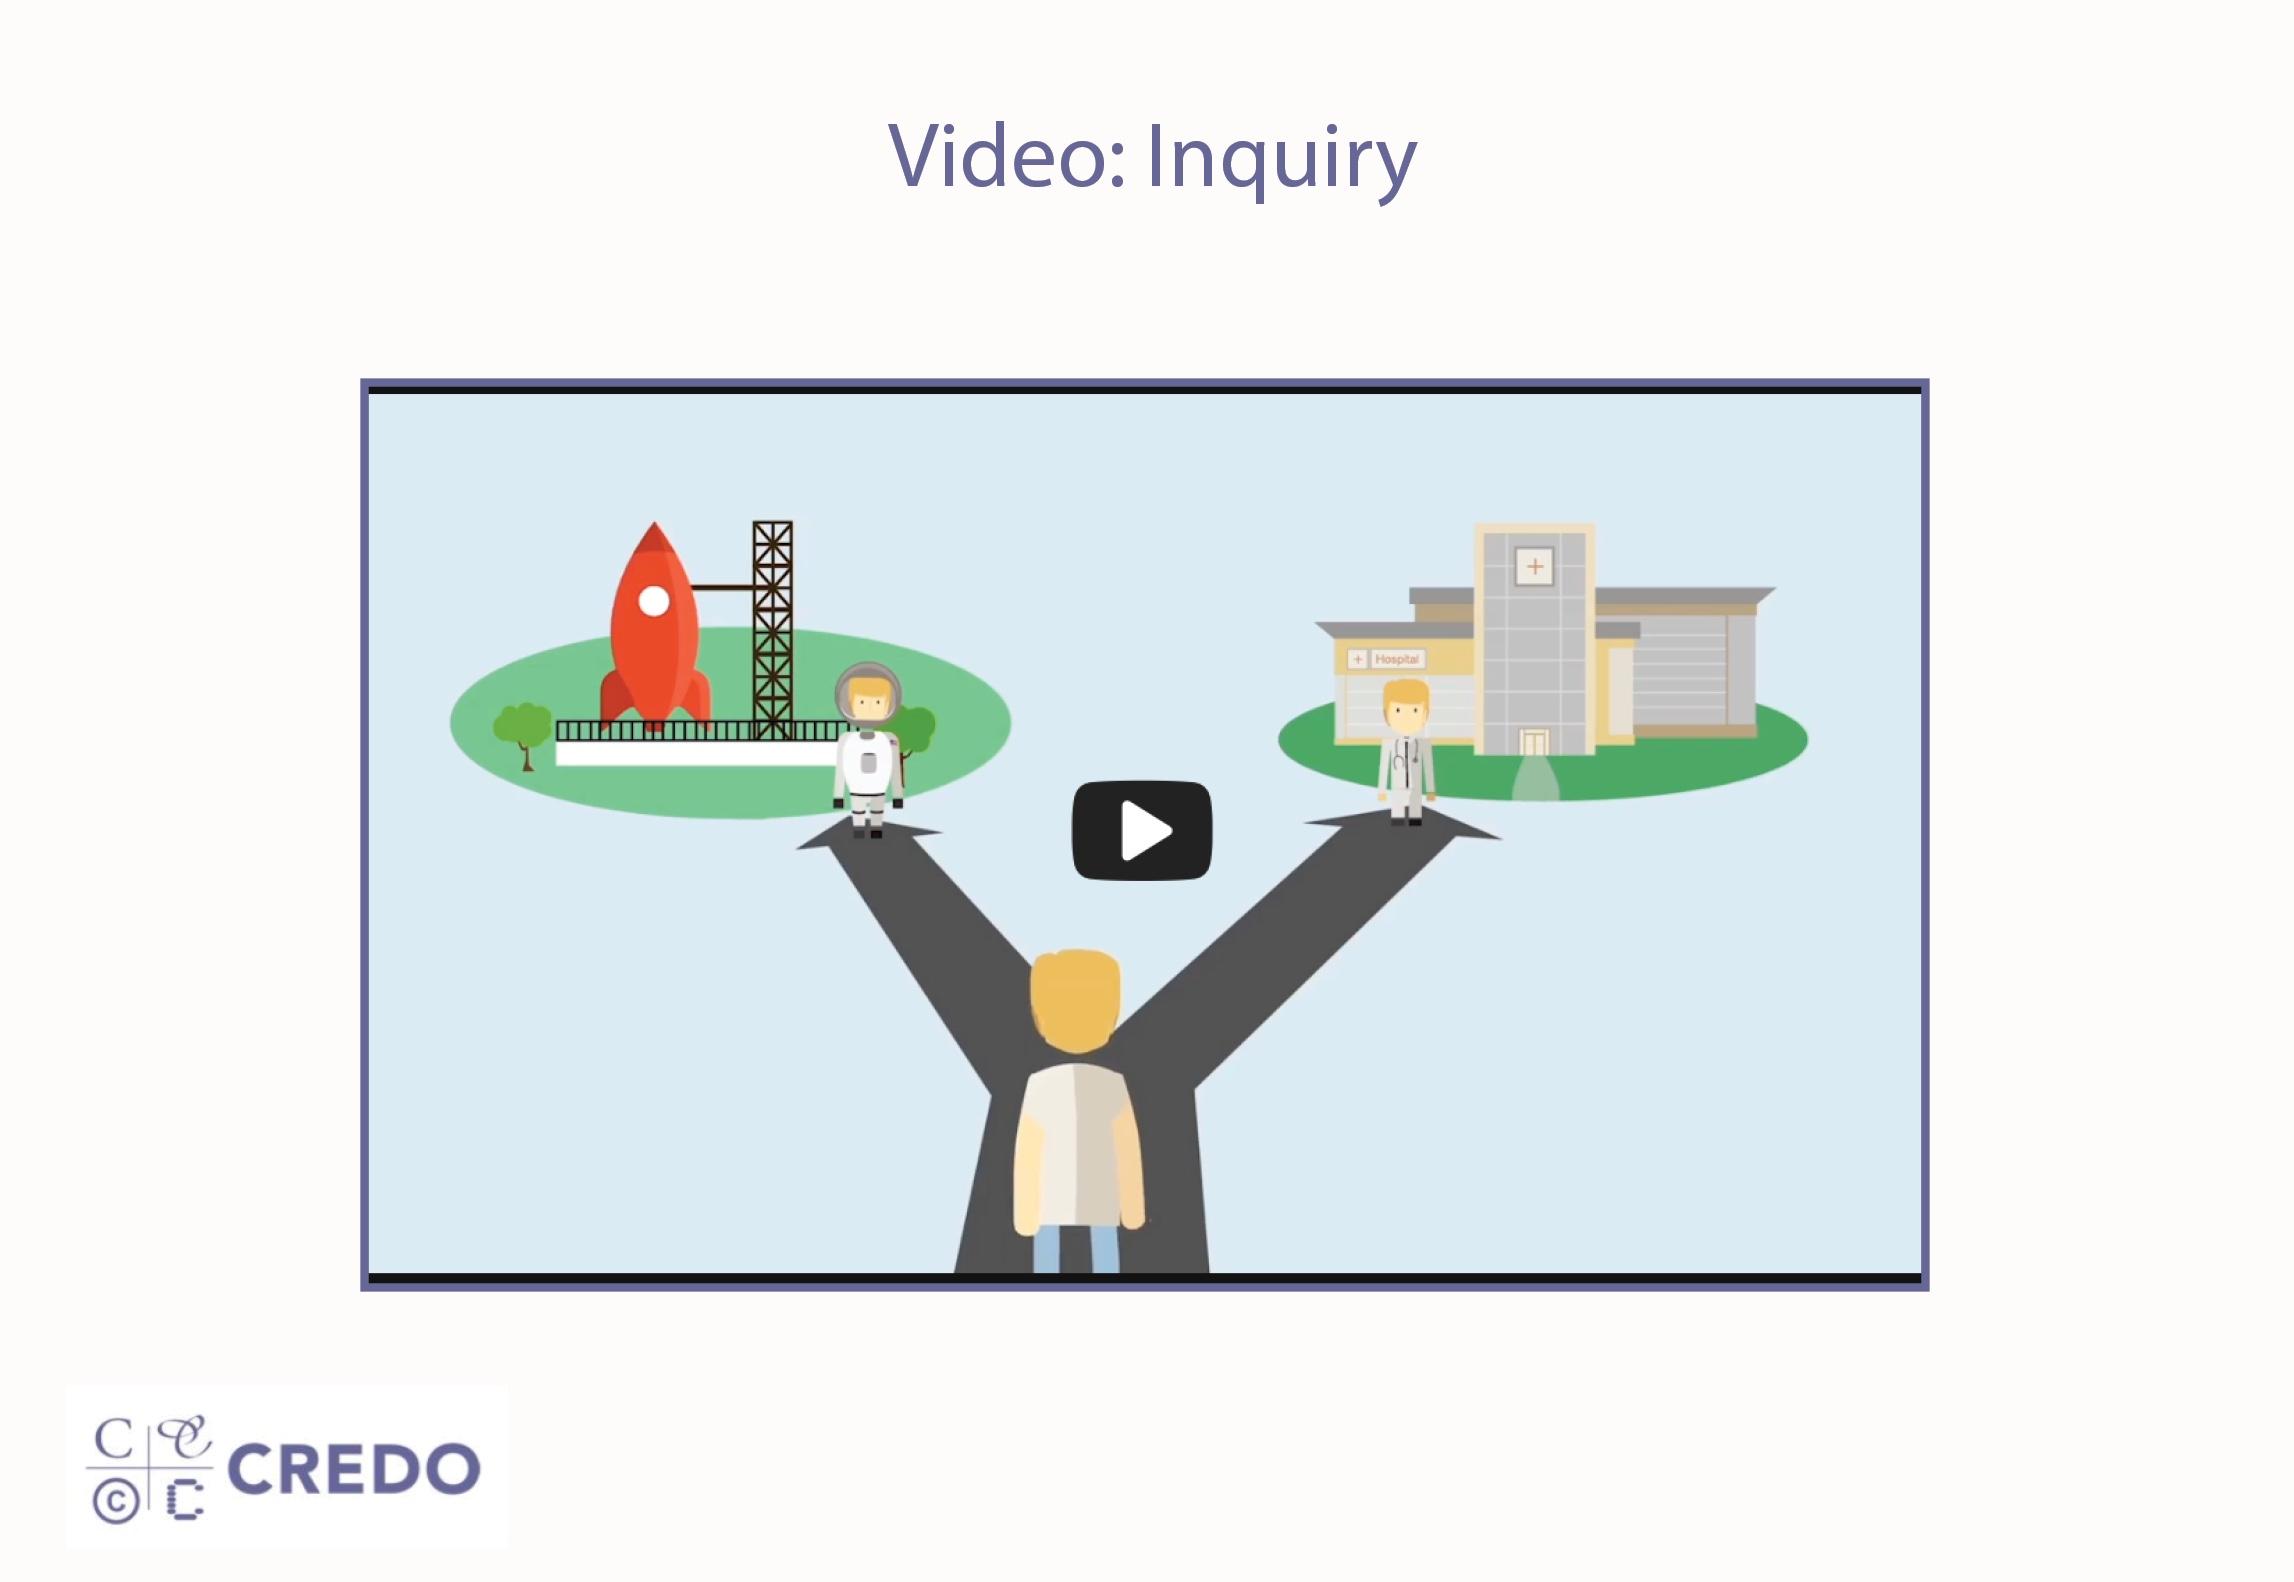 Video: Inquiry